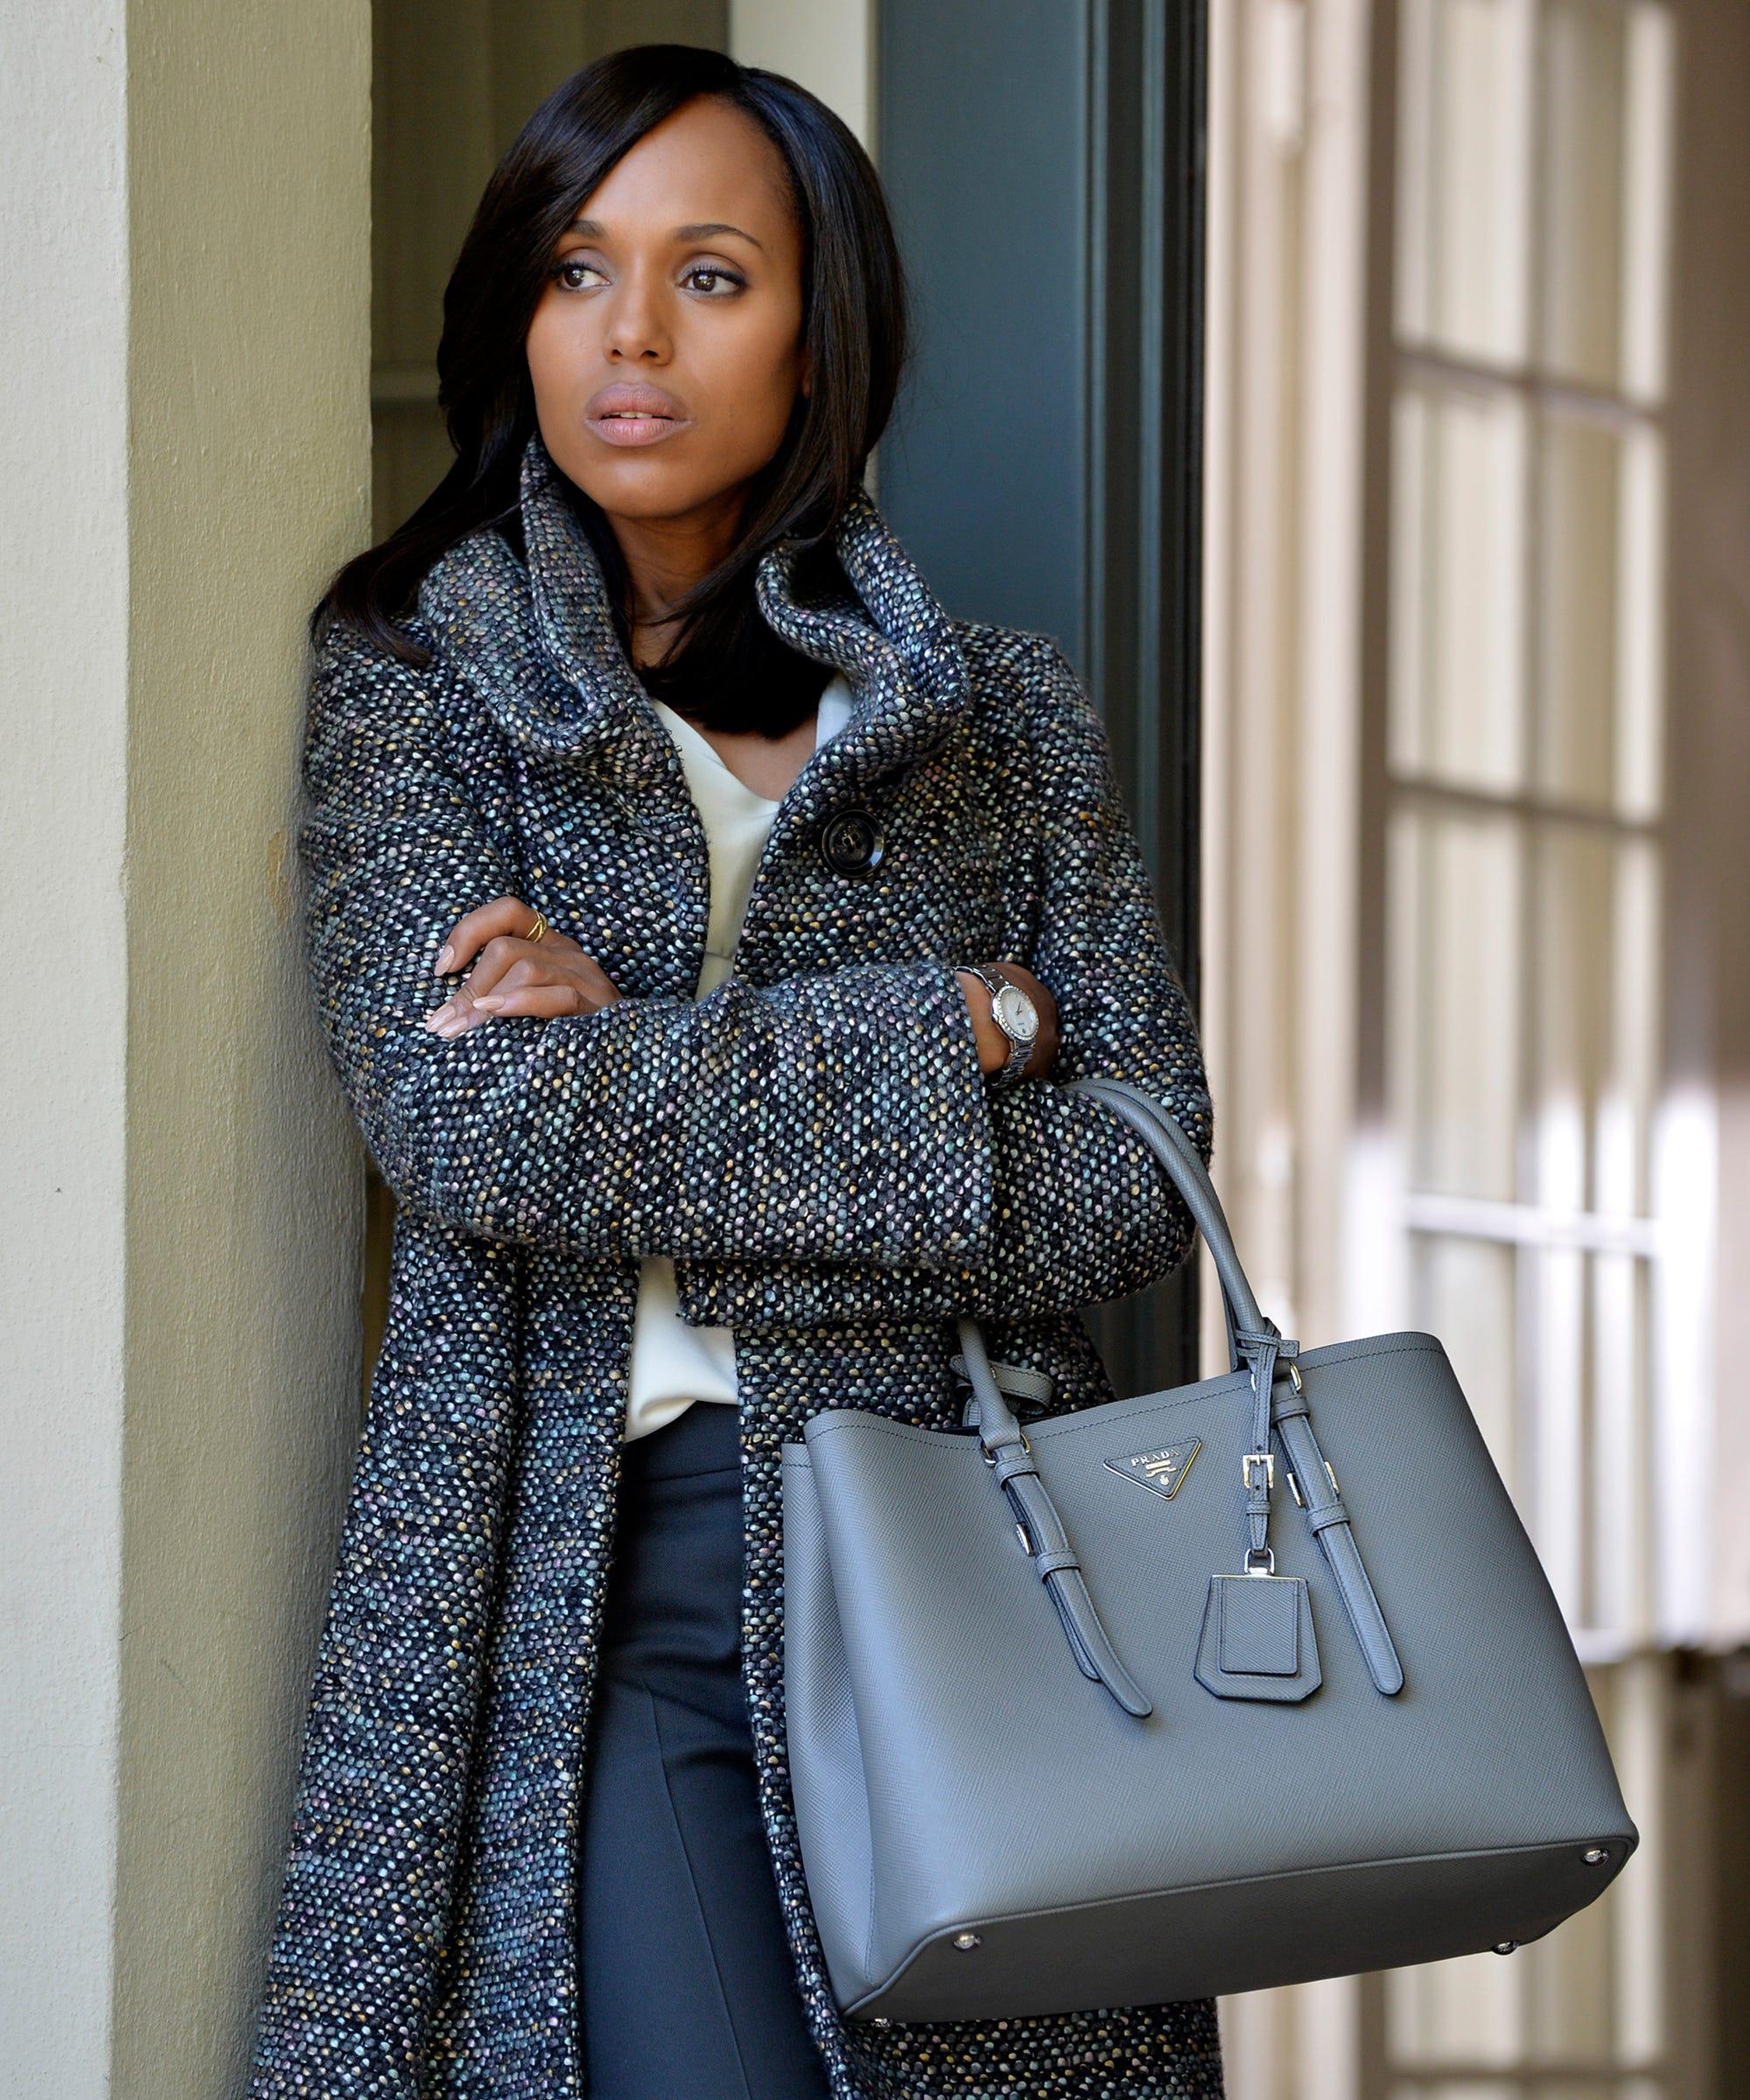 e580726ec80f Why Olivia Pope Always Has A Prada Bag On Scandal